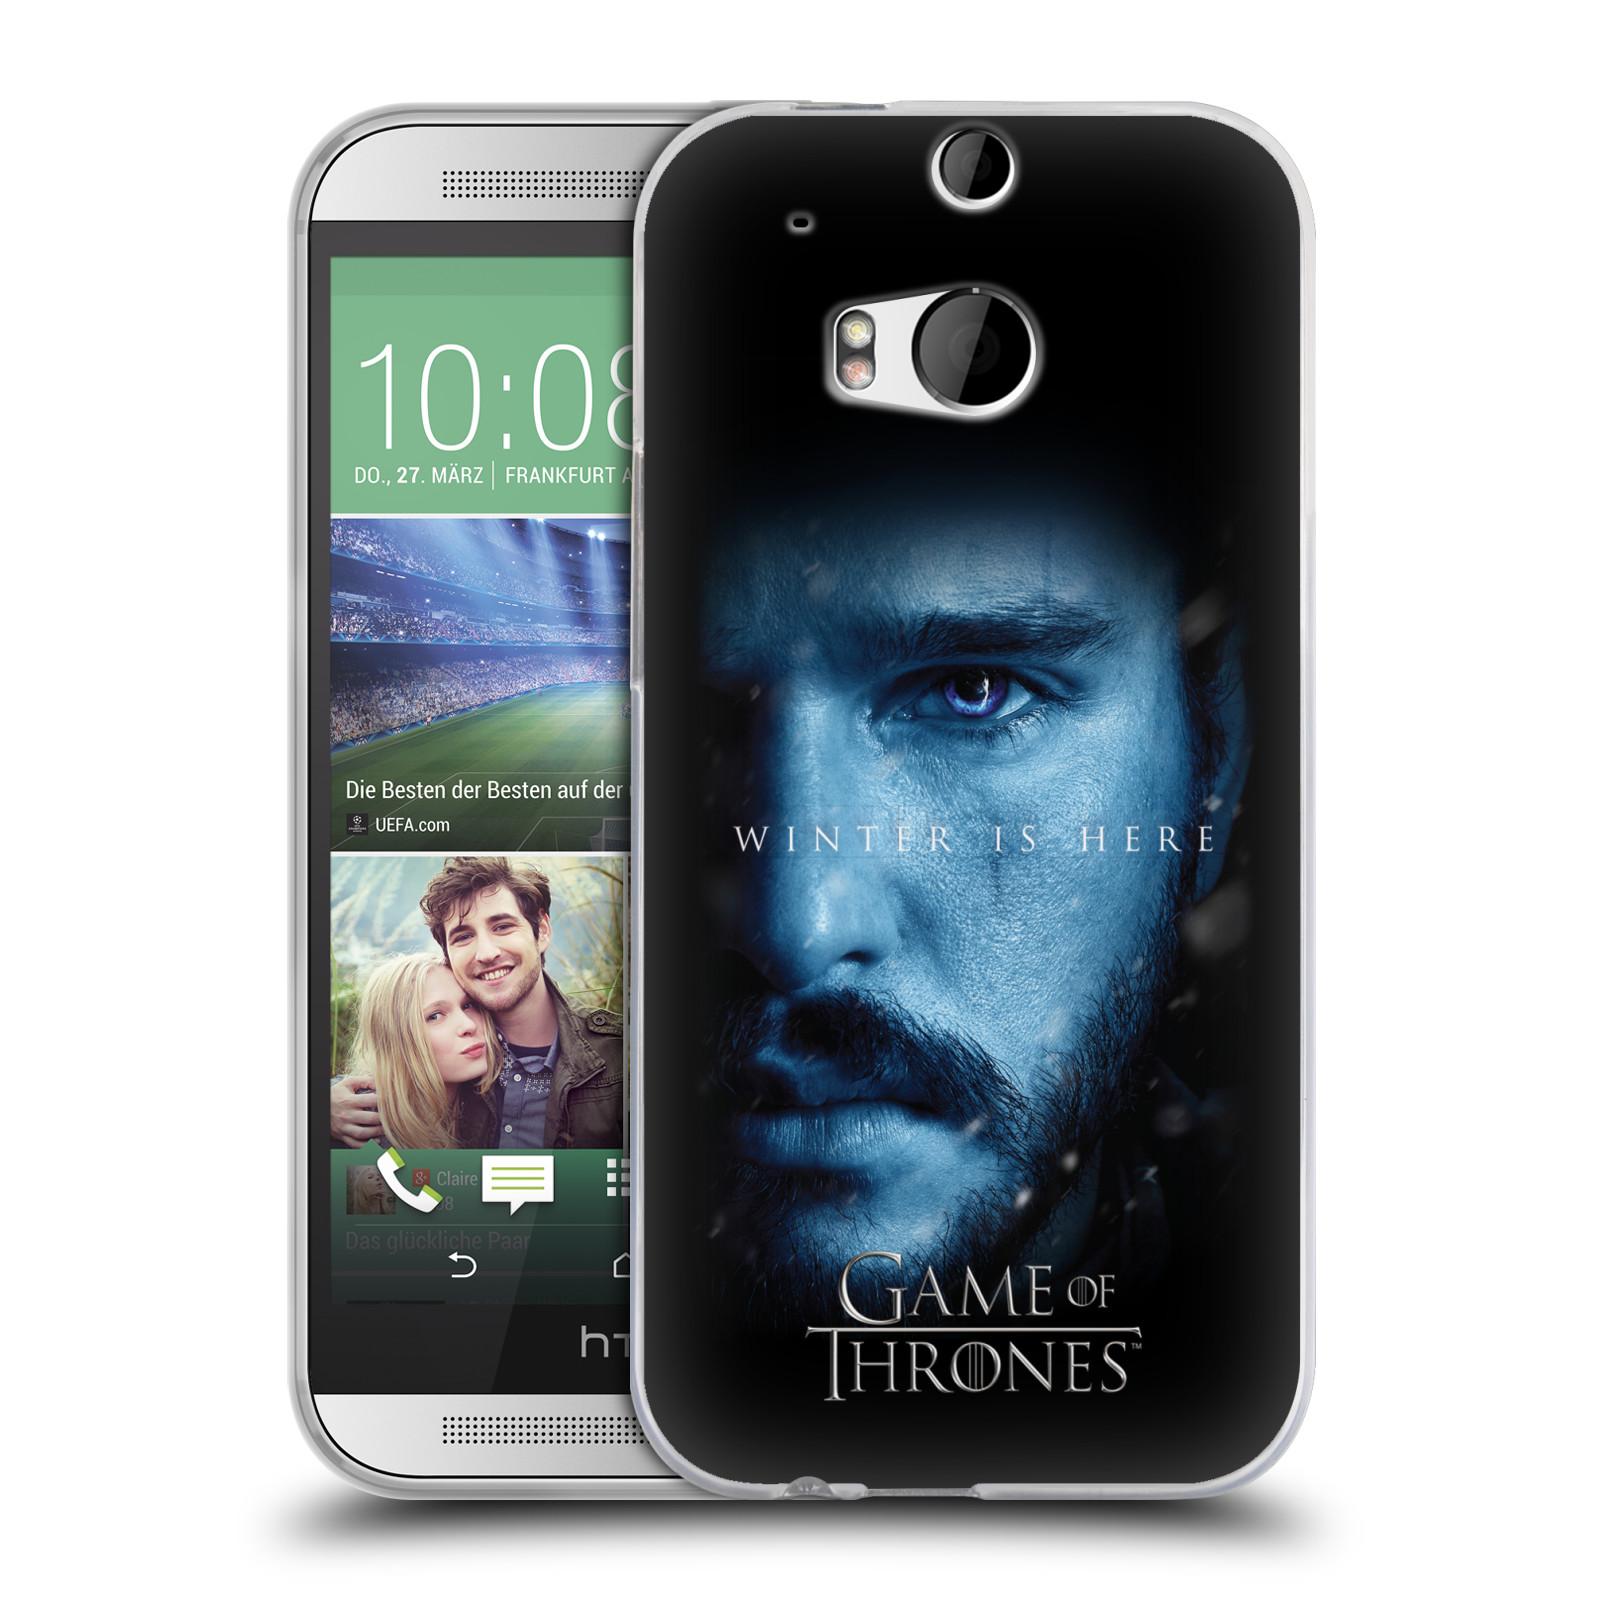 Silikonové pouzdro na mobil HTC ONE M8 - Head Case - Hra o trůny - Jon Snow - Winter is here (Silikonový kryt či obal na mobilní telefon s motivem Game of Thrones - Jon Snow - Winter is here - Season 7 pro HTC ONE M8)